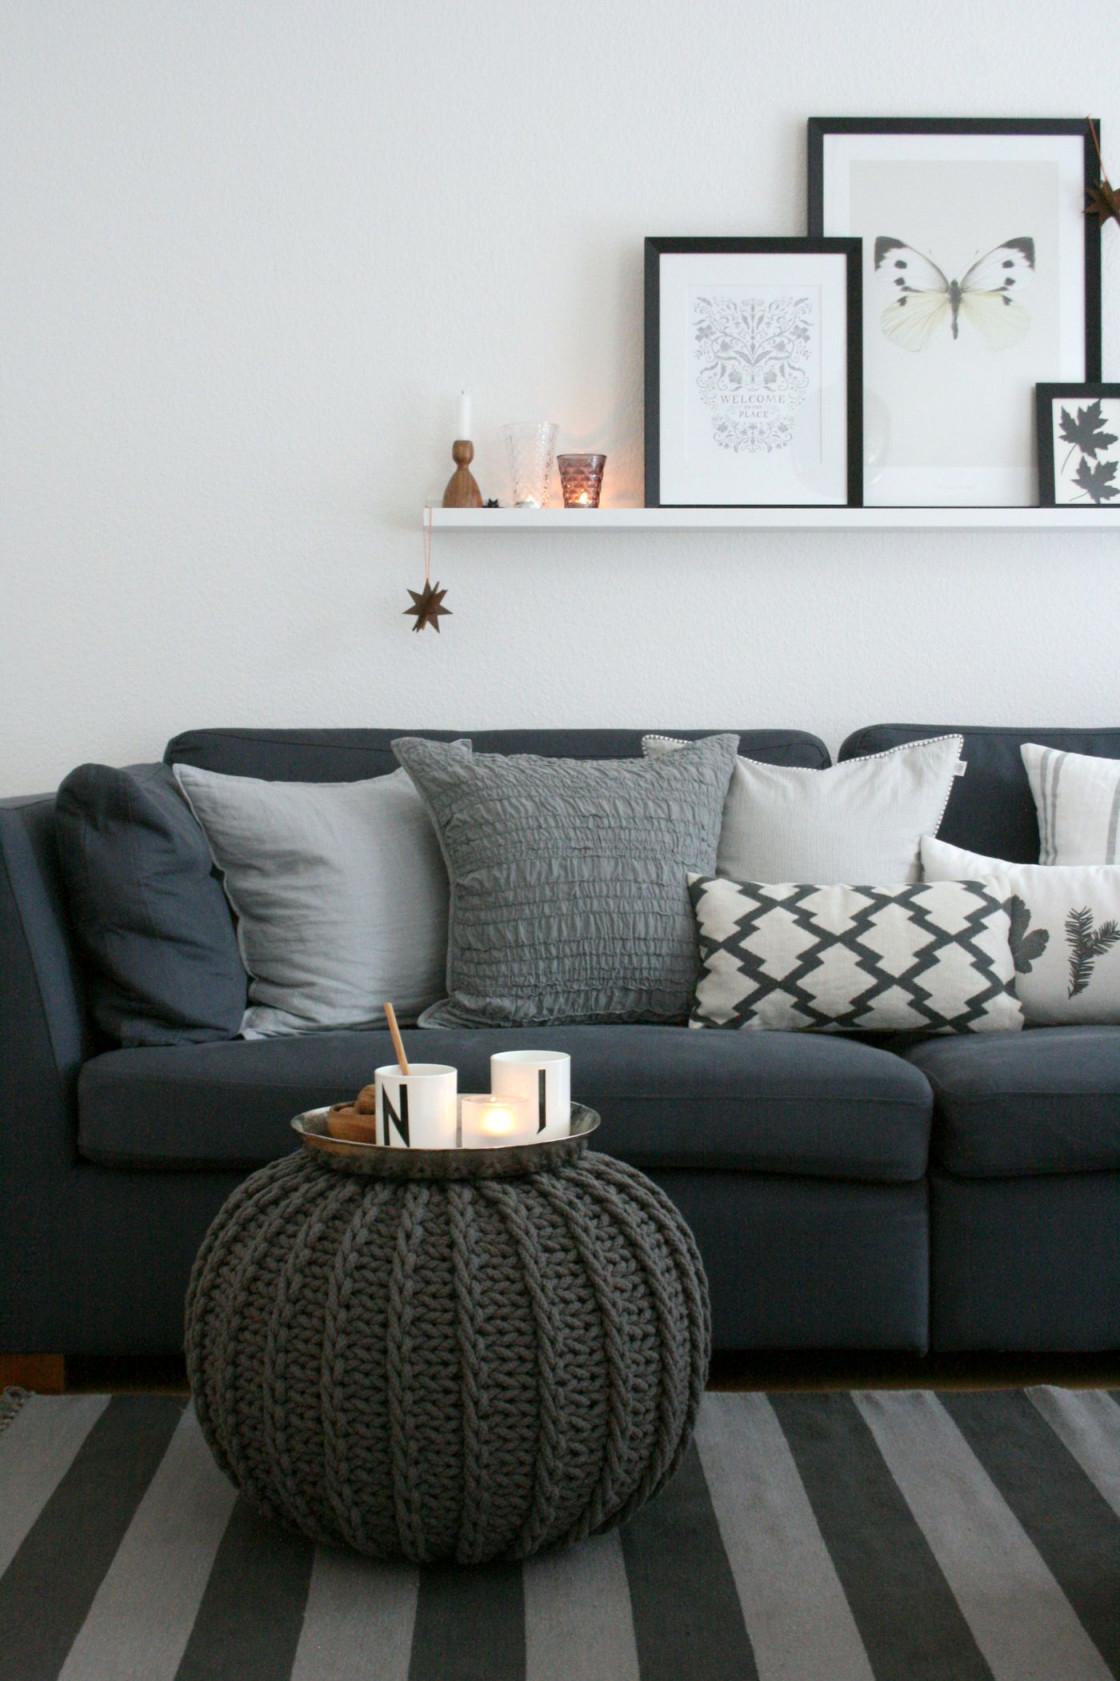 Wohnzimmer Die Schönsten Ideen von Wandbilder Ideen Wohnzimmer Bild